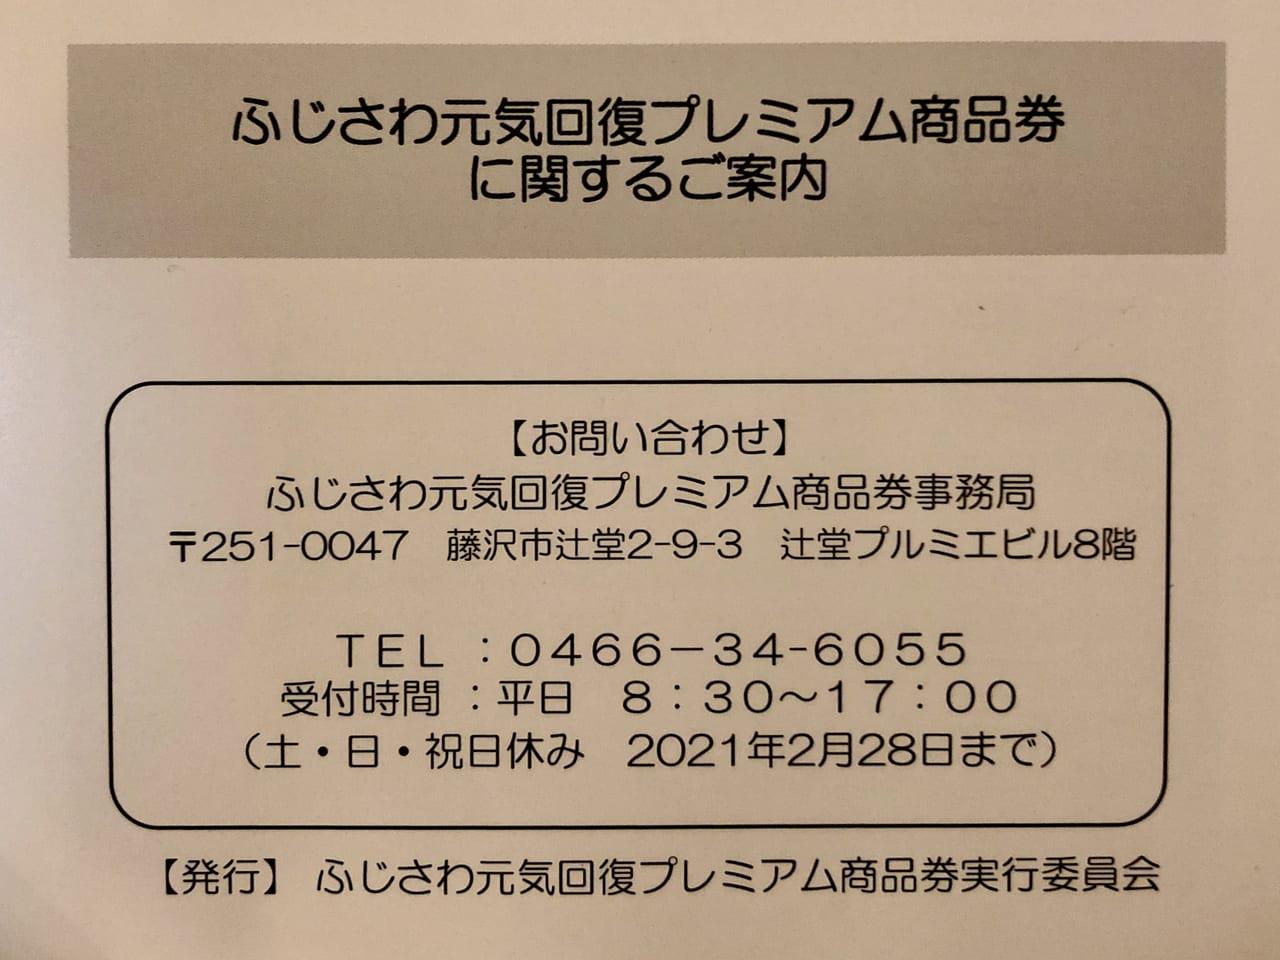 券 藤沢 商品 プレミアム